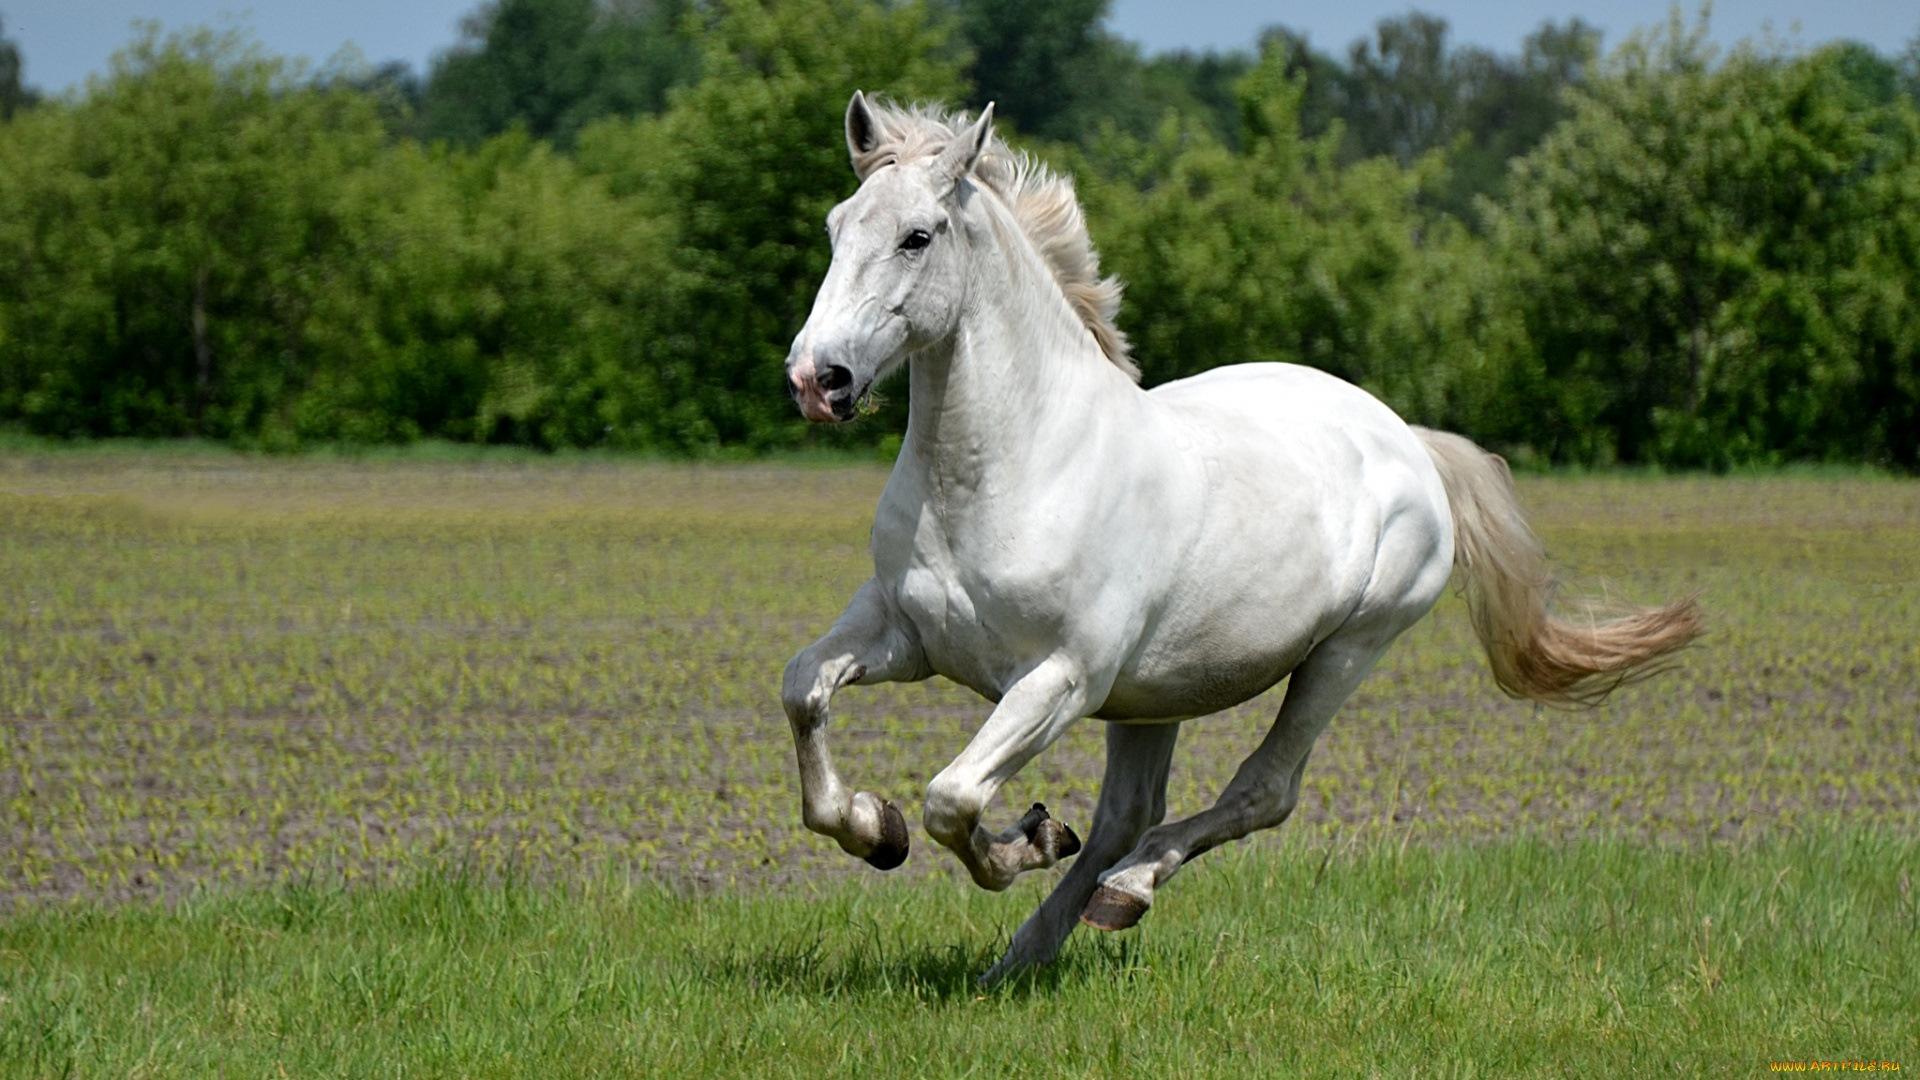 бегать как лошадь картинки любите удивлять